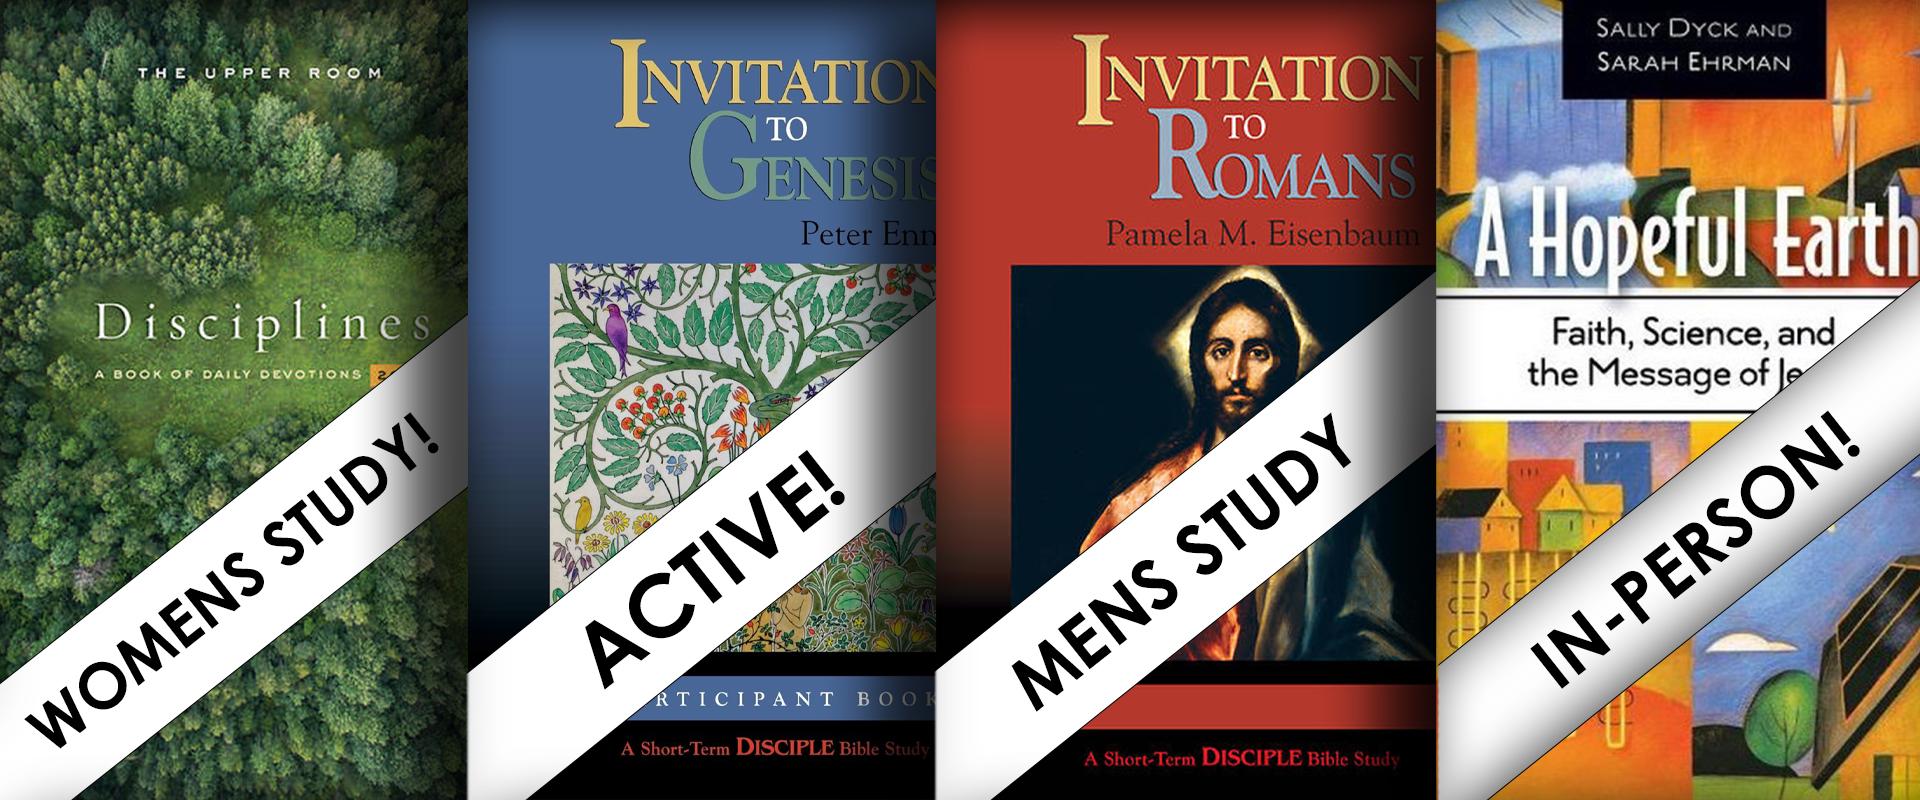 book studies at wesley umc bloomington